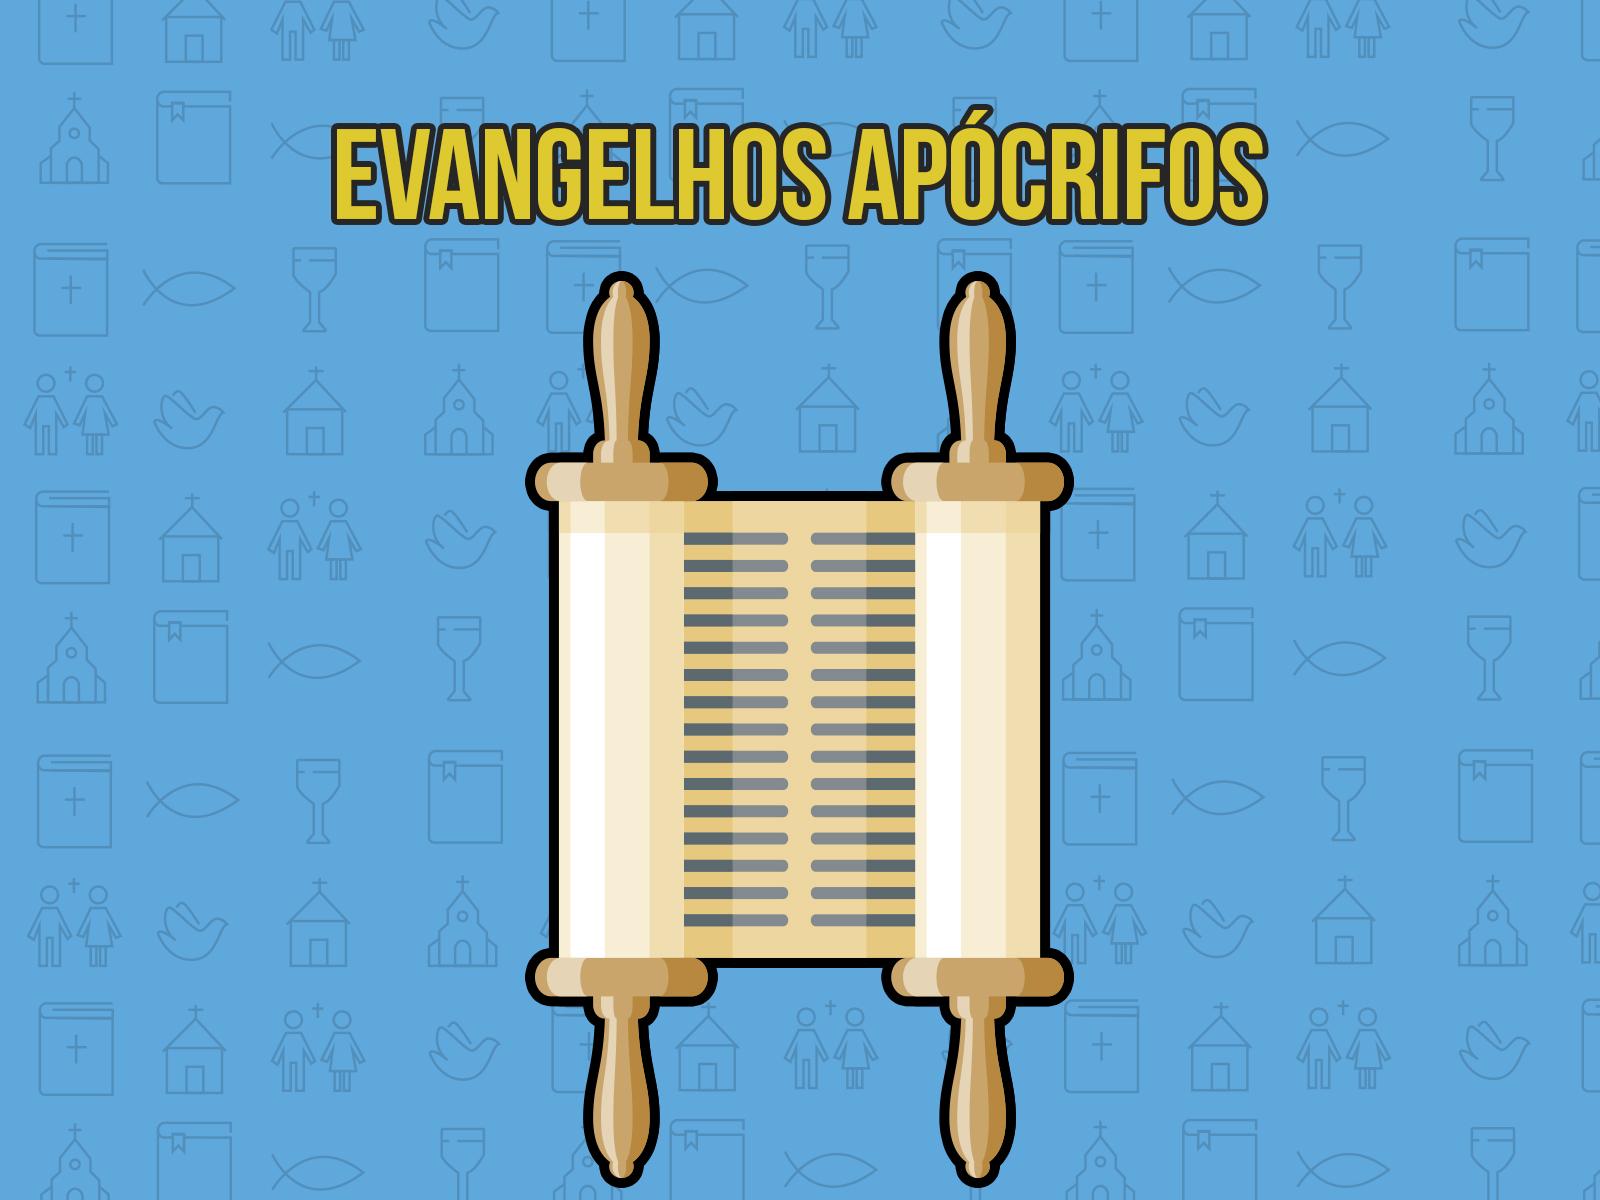 O que dizem os evangelhos apócrifos?